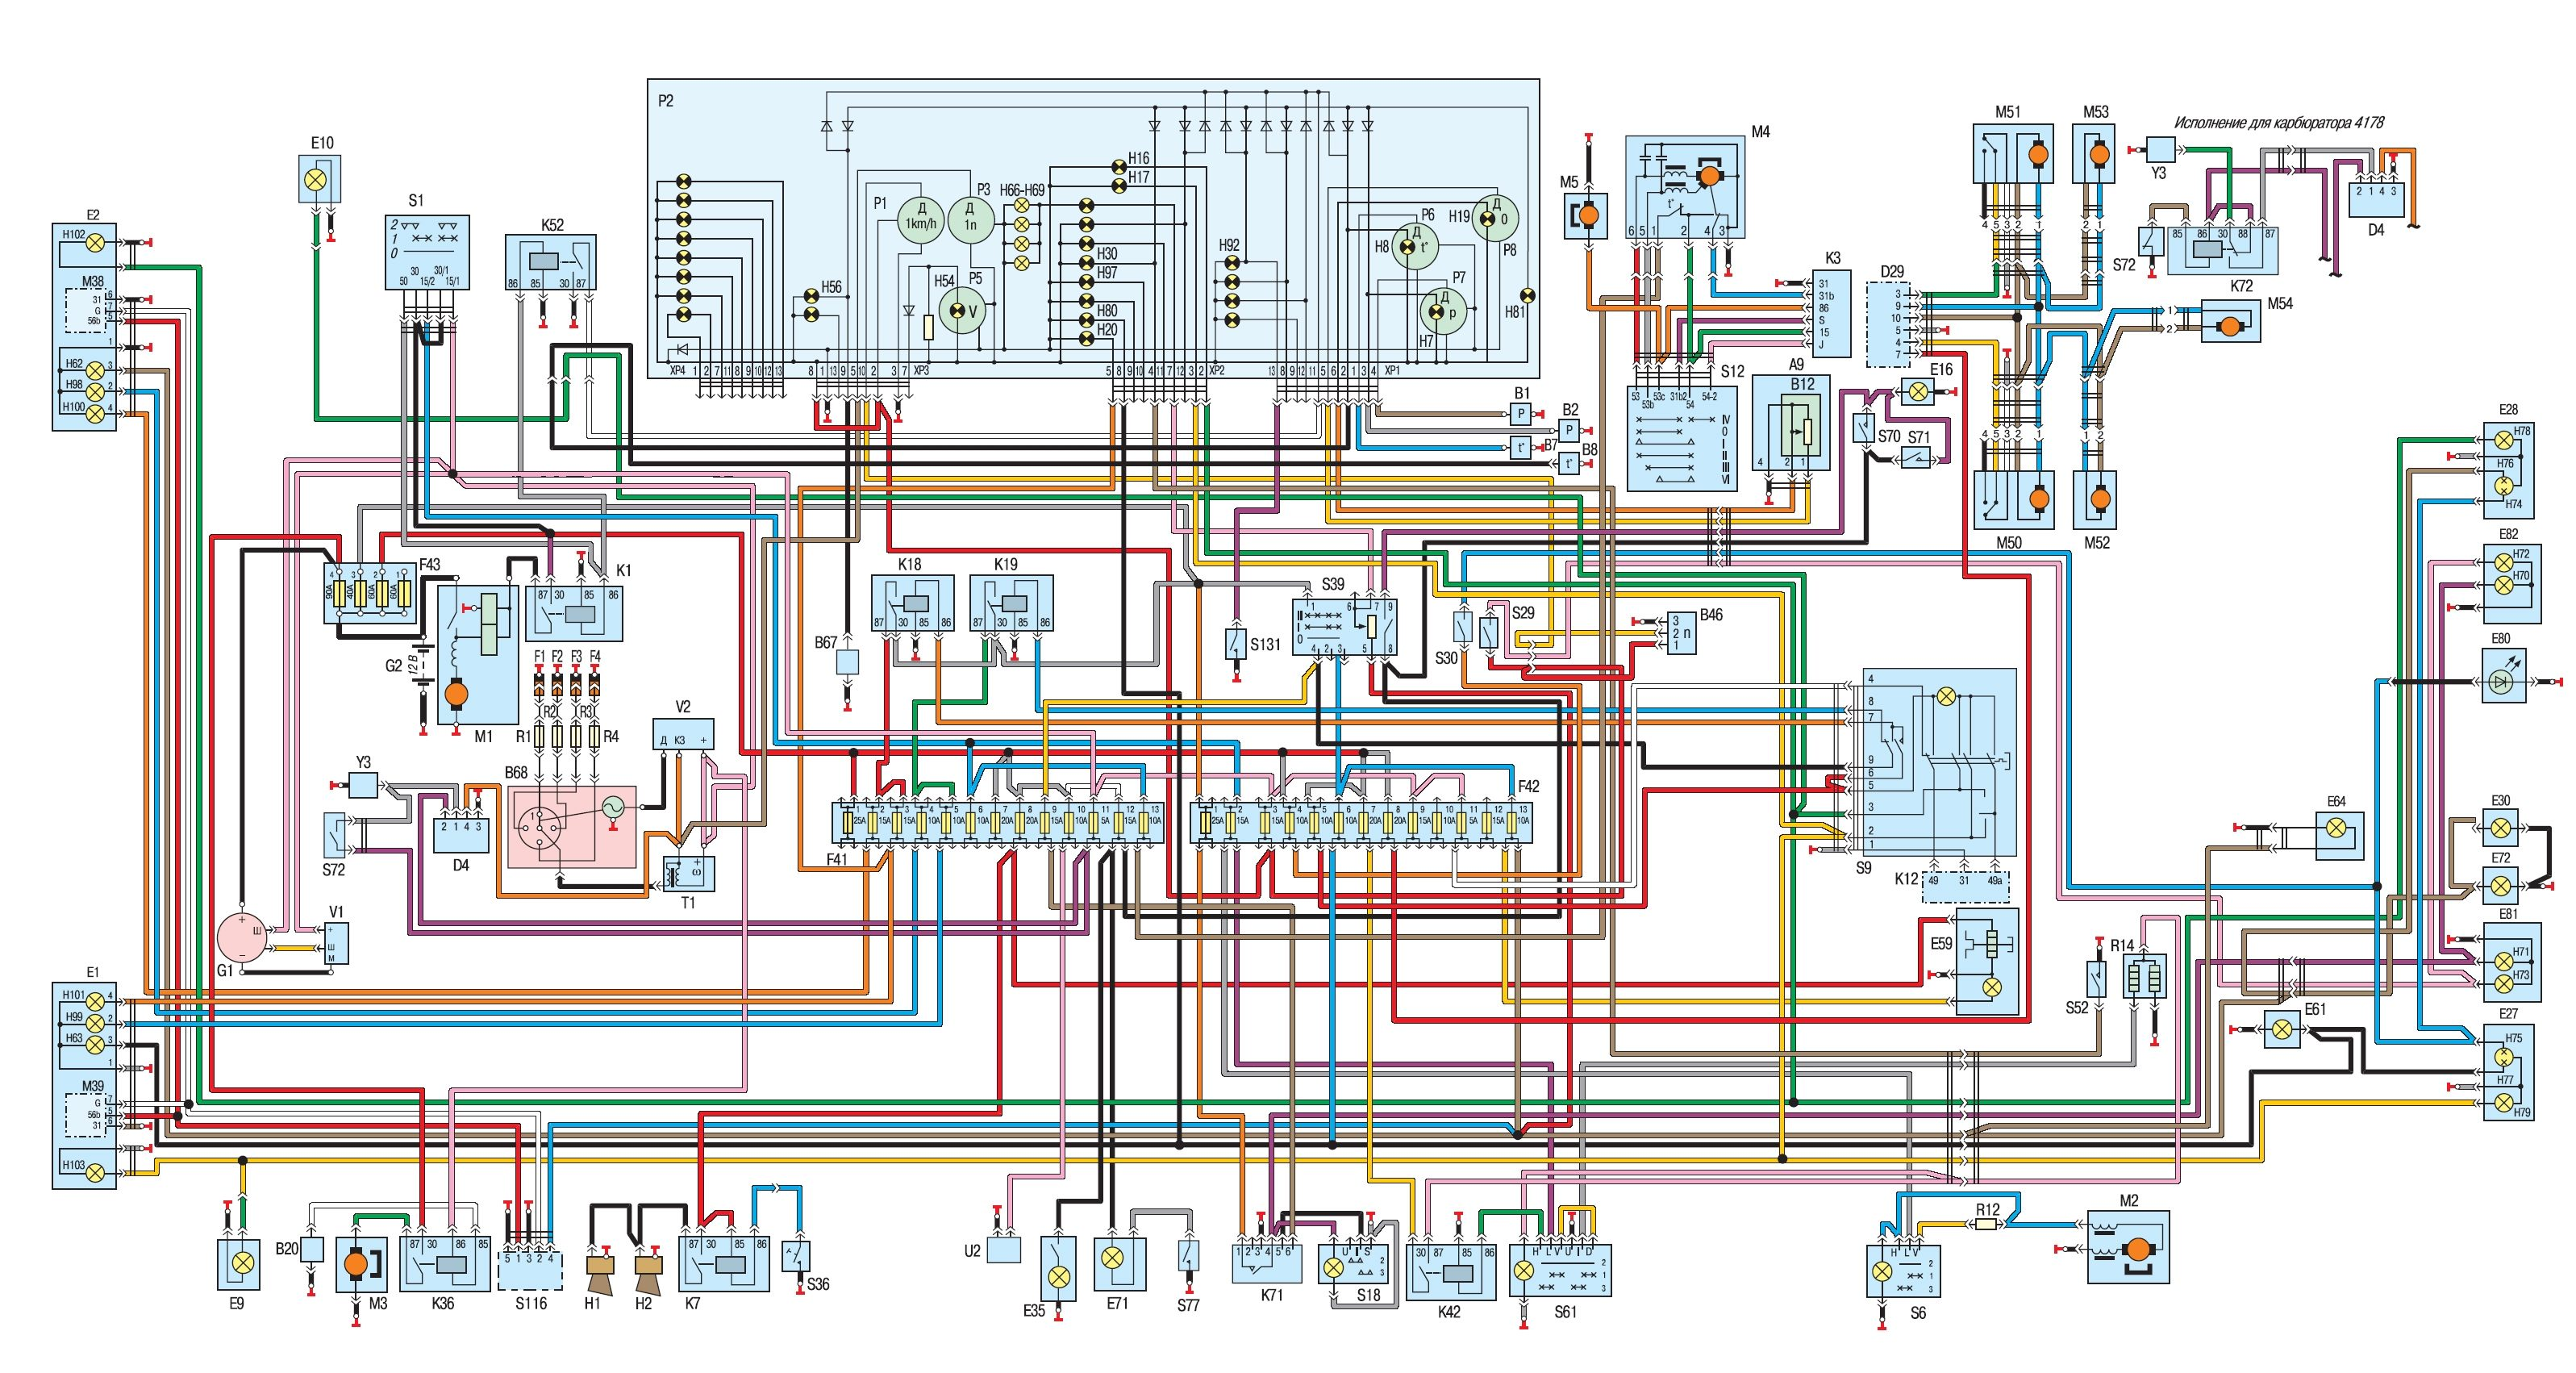 схема включения вентилятора ваз 21093. гост электрические схемы однолинейная схема.